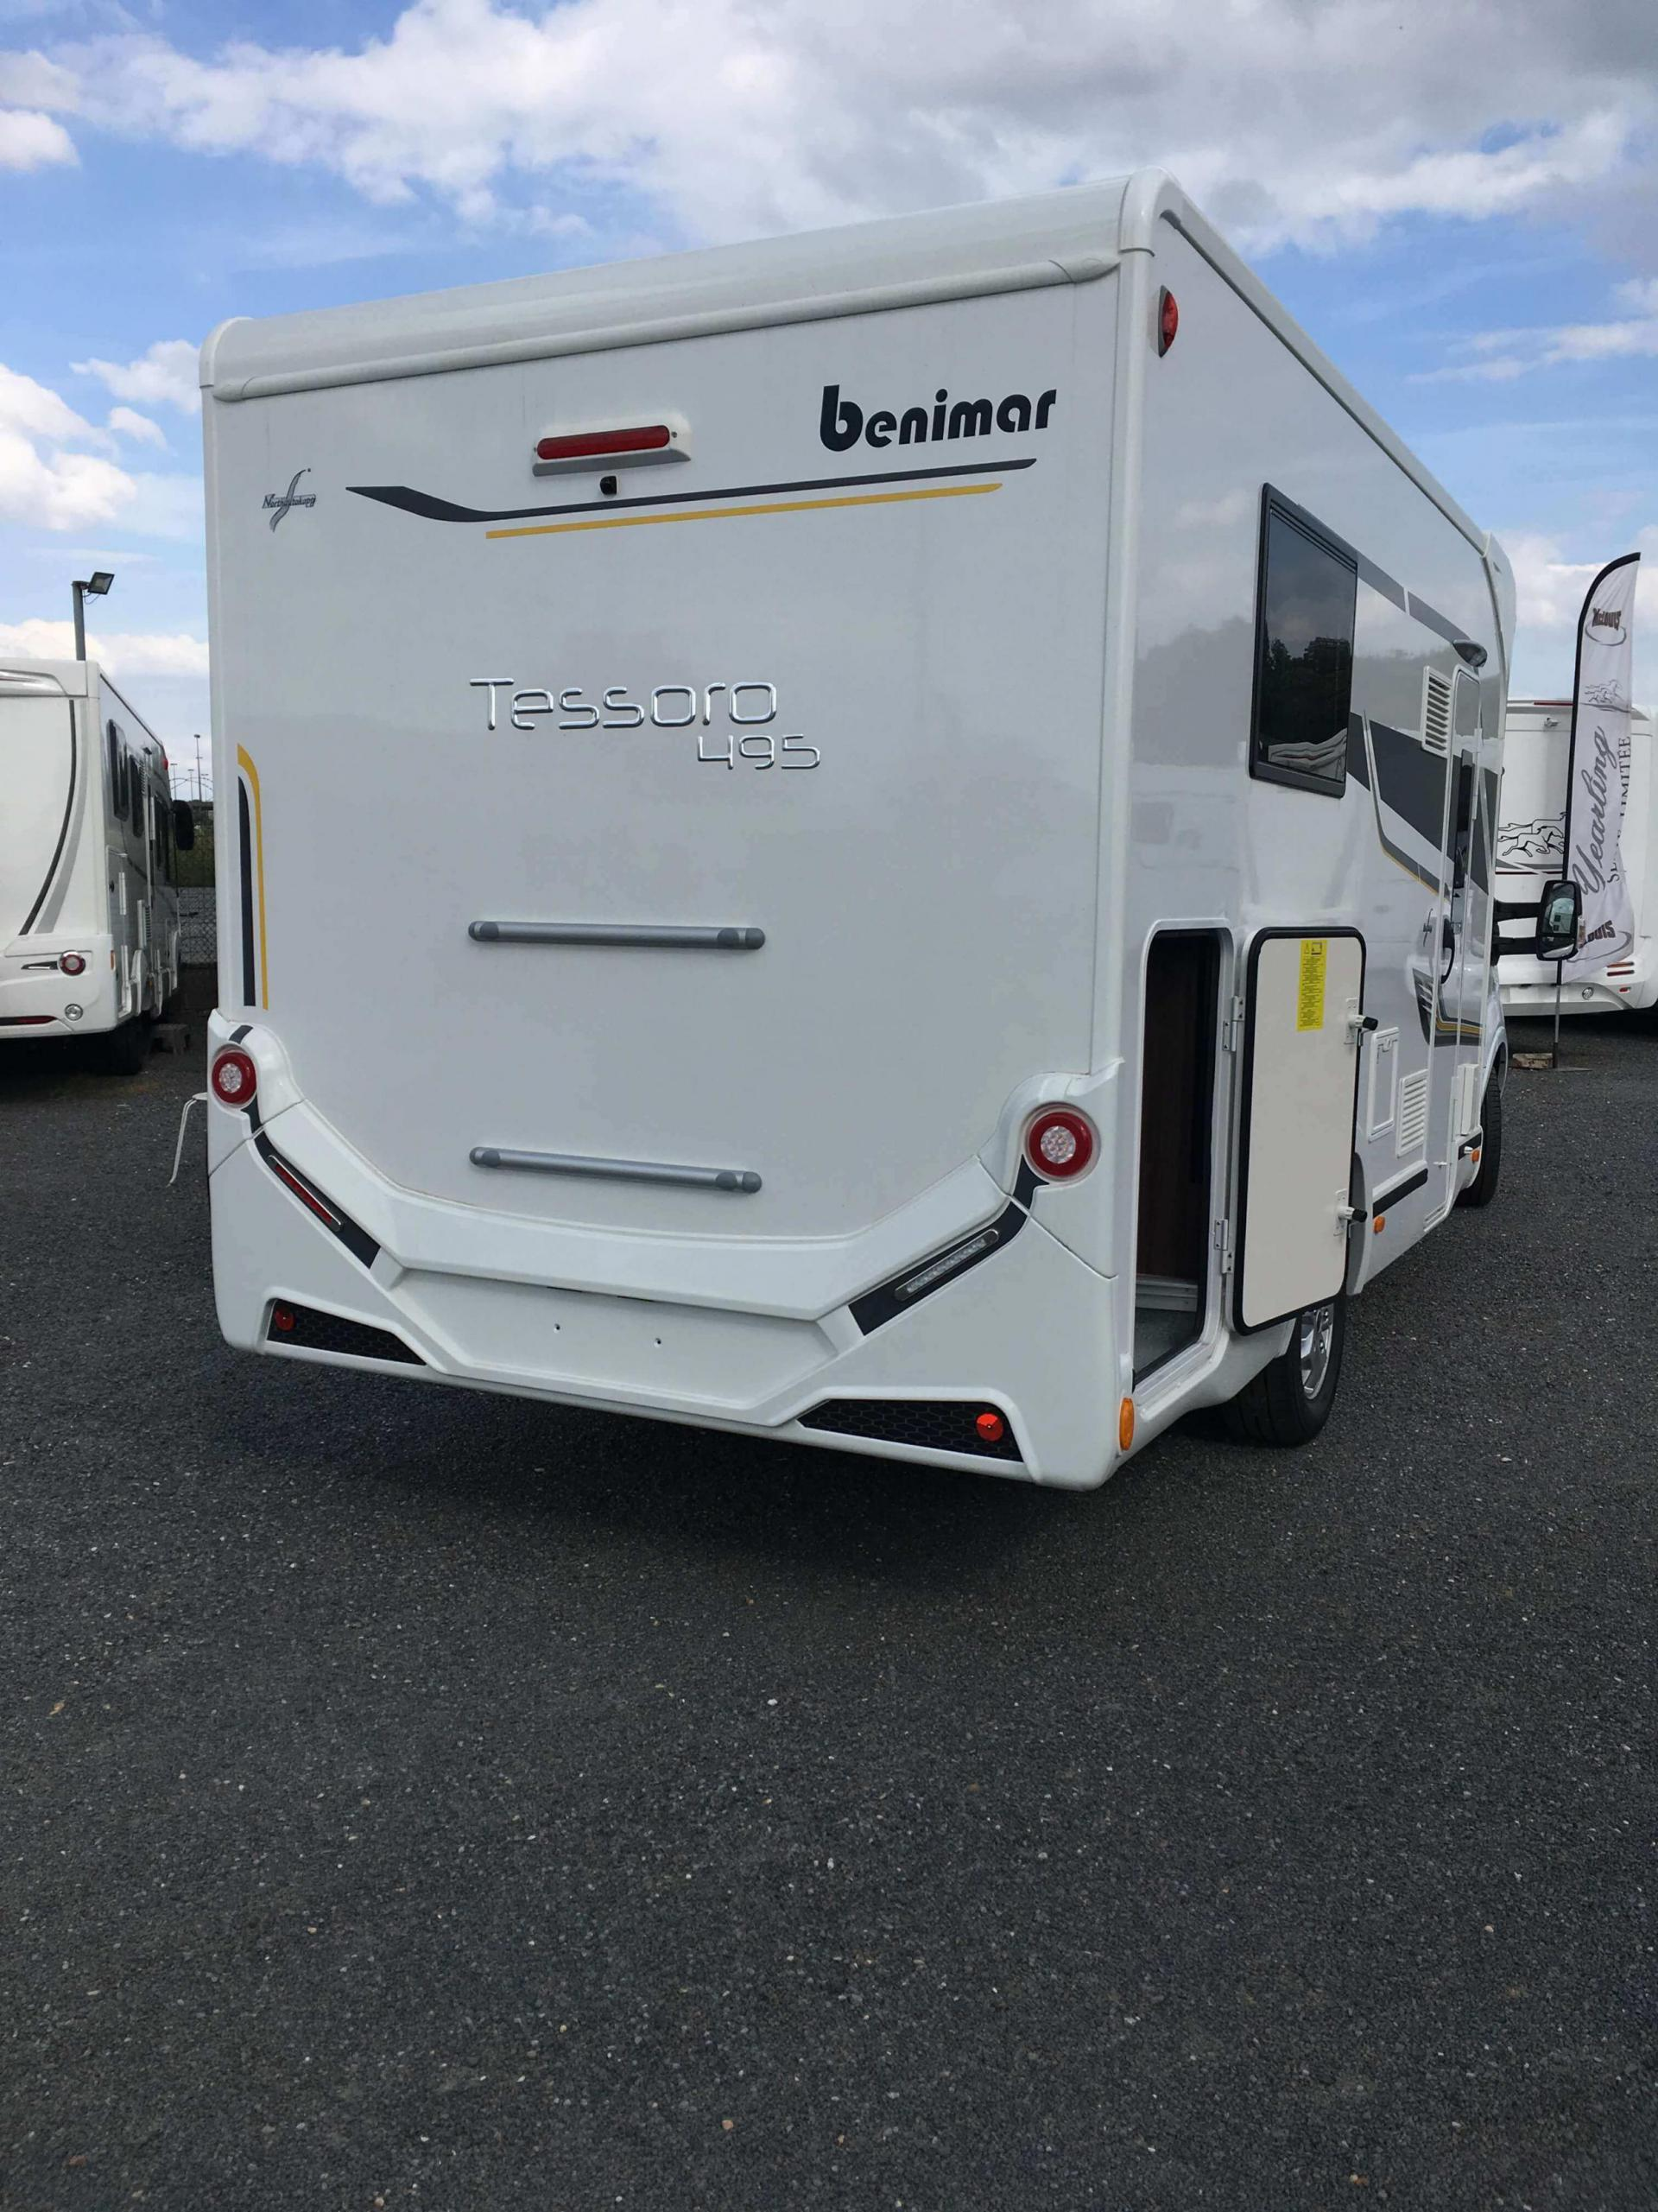 camping-car BENIMAR TESSORO 495